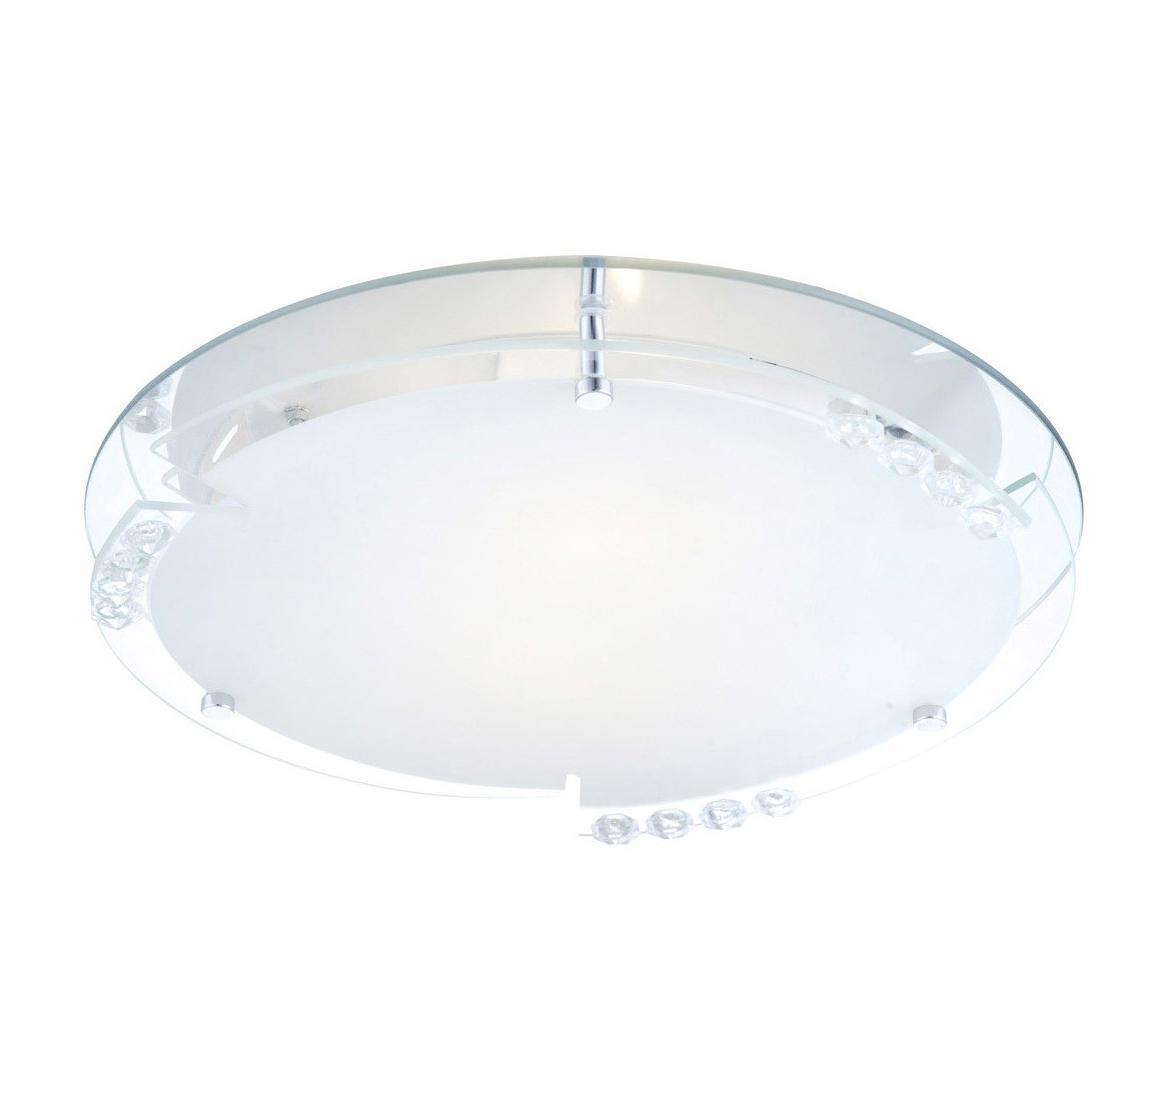 48073-2 Потолочный светильник ARMENA48073-2Globo Светильник настенно-потолочный 48073-2. Оригинальность конструкции плафона данной модели выделяет ее из множества подобных и сразу же привлекает внимание. Круглый плафон с прозрачными украшениями имеет составной тип конструкции, которая позволяет расположить его как на стене, так и на потолке. Матовое стекло немного приглушает свет, делая его приятным для глаз. Лампы со стандартным цоколем легко найти в продаже и заменить при возникновении такой необходимости. Электроприбор отлично подходит для освещения определенной зоны, и выполняет свою главную функцию,- украсить жилое пространство. Материал: Арматура: Металл/Плафон: Стекло Цвет: Арматура: Серебристый/Плафон: Белый Размер: 32х32х10